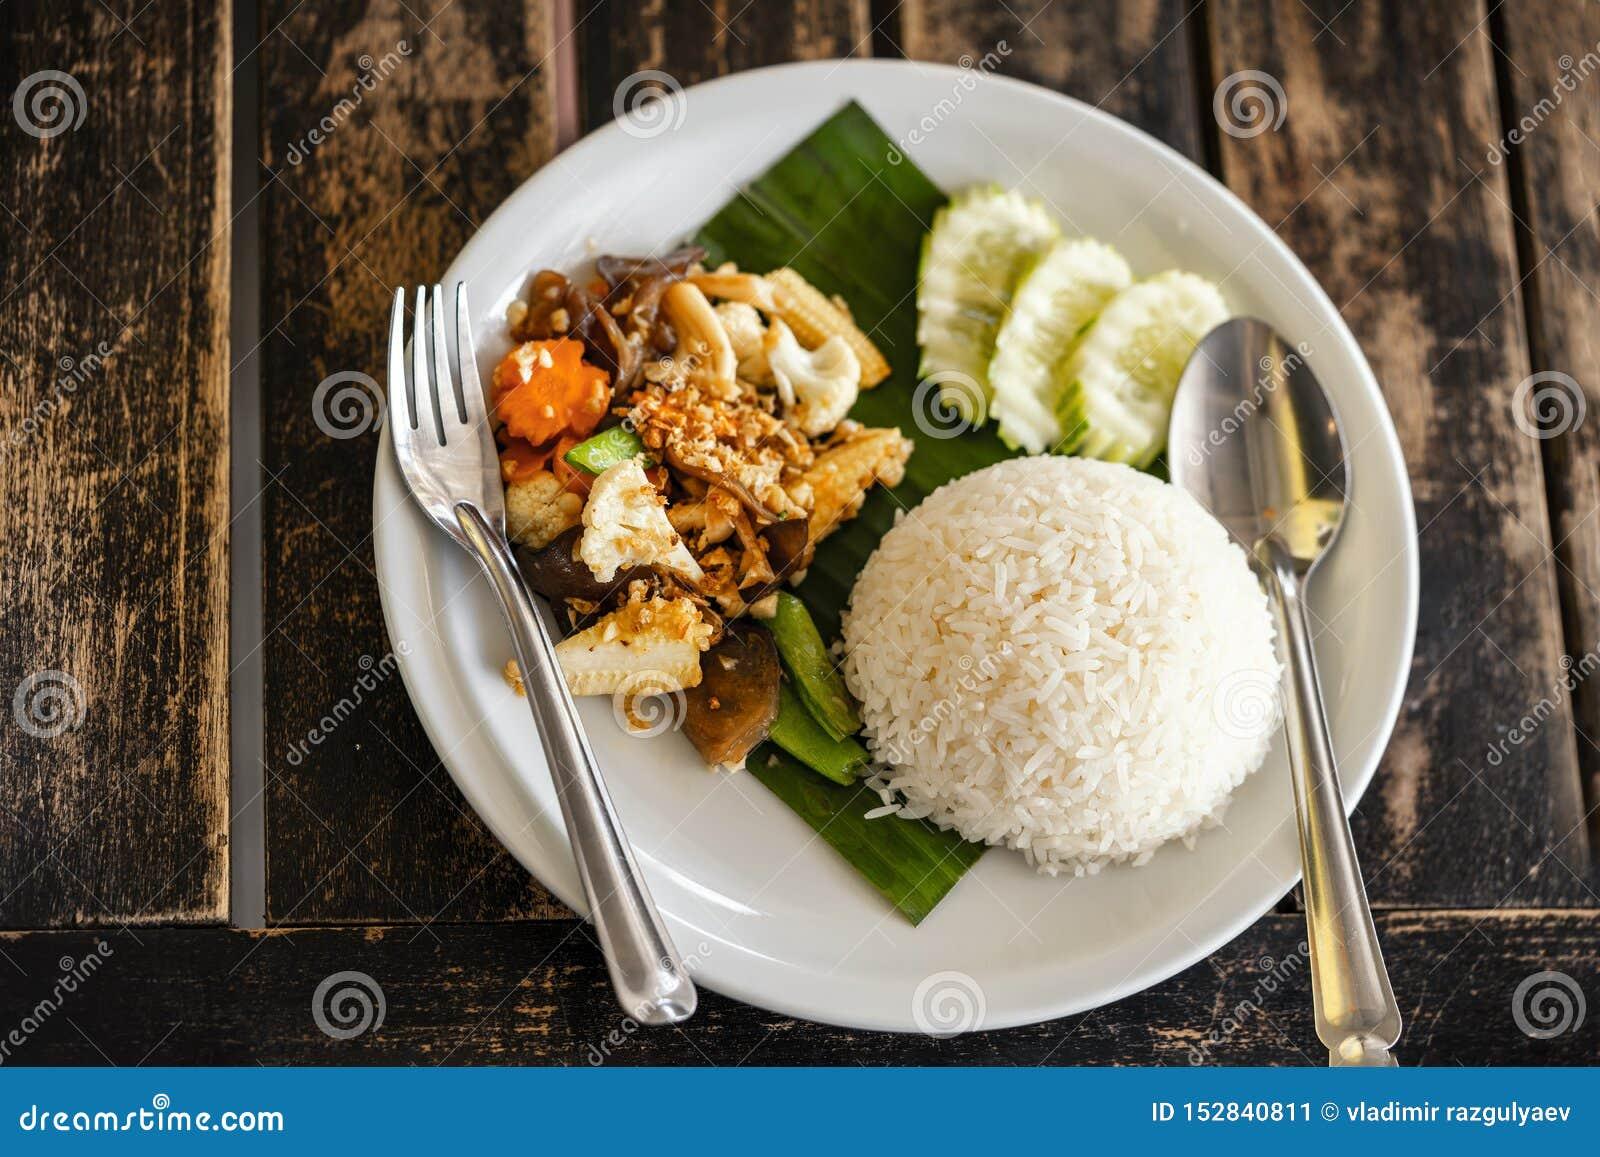 Thailändskt kryddigt recept för stekte ris för mat, bästa viev